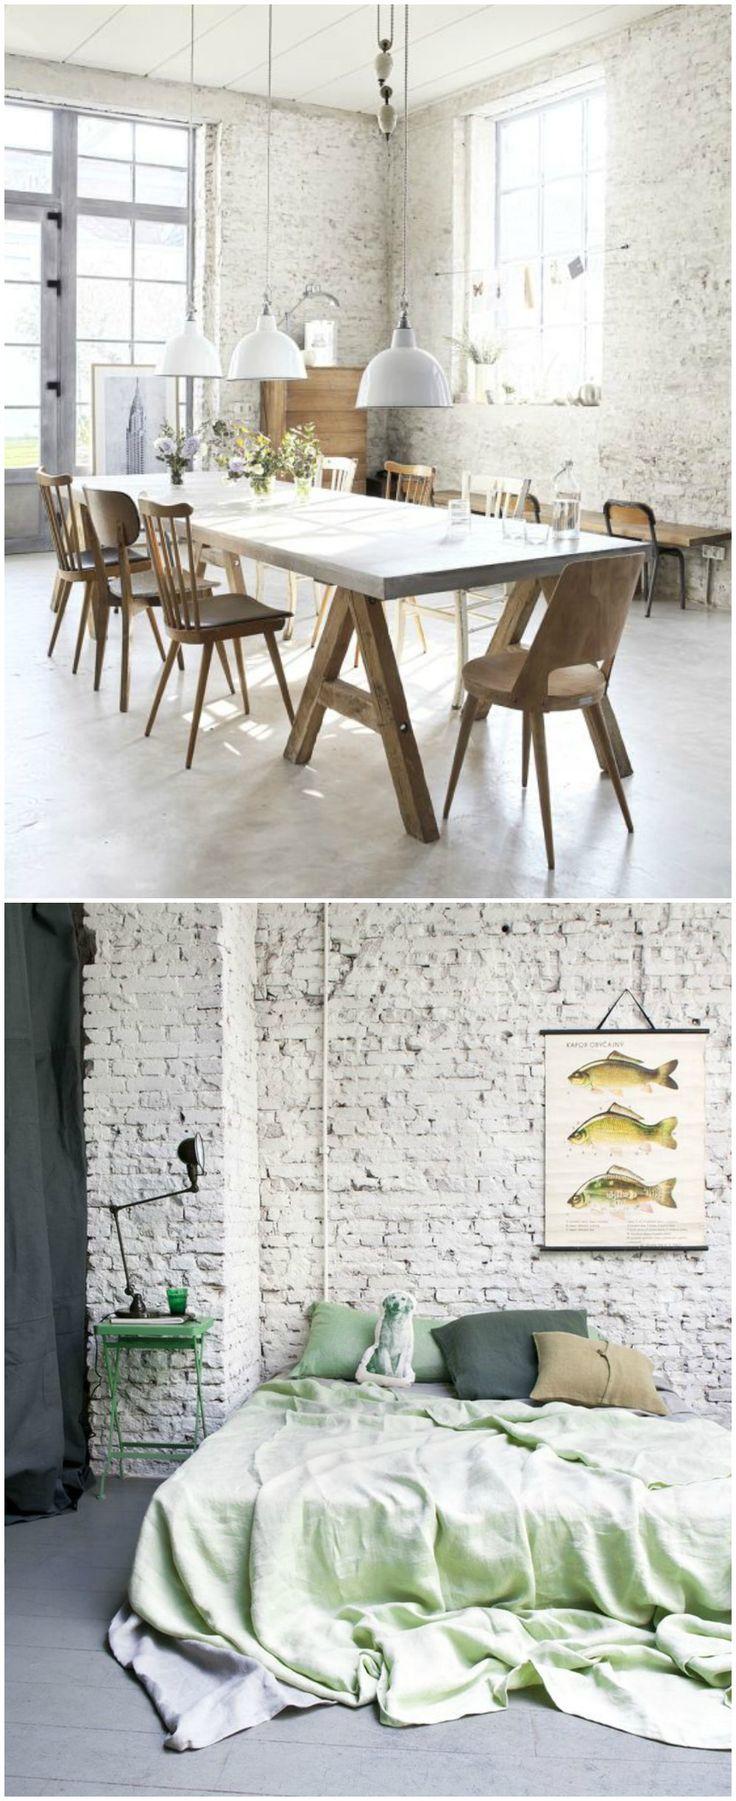 Las 25 mejores ideas sobre ladrillo decorativo en for Ladrillo decorativo interior